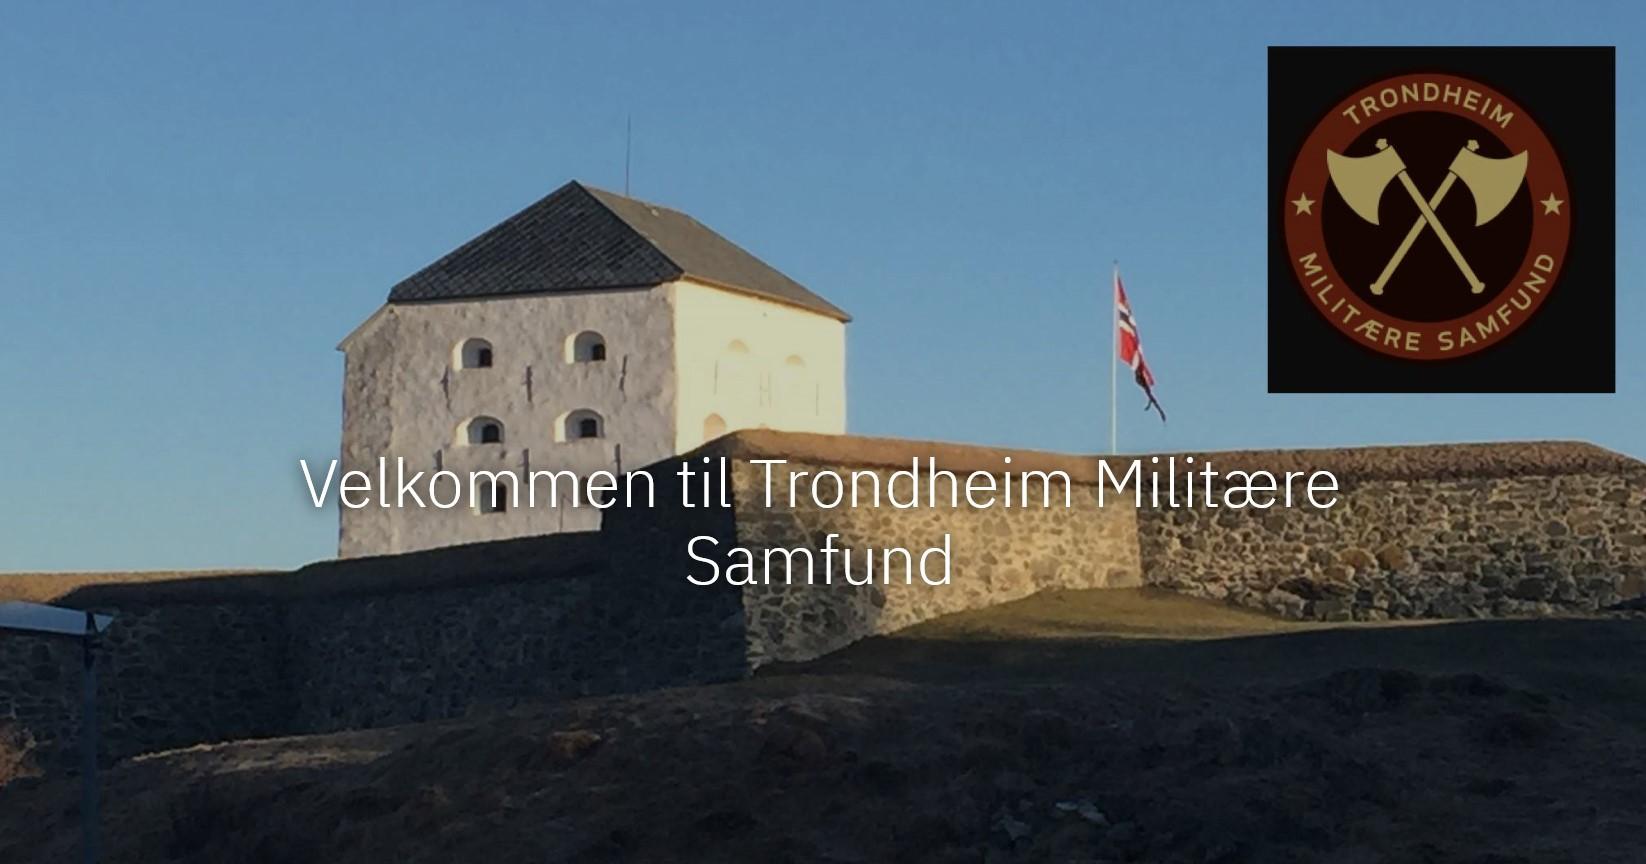 Trondheim Militære Samfund.jpg